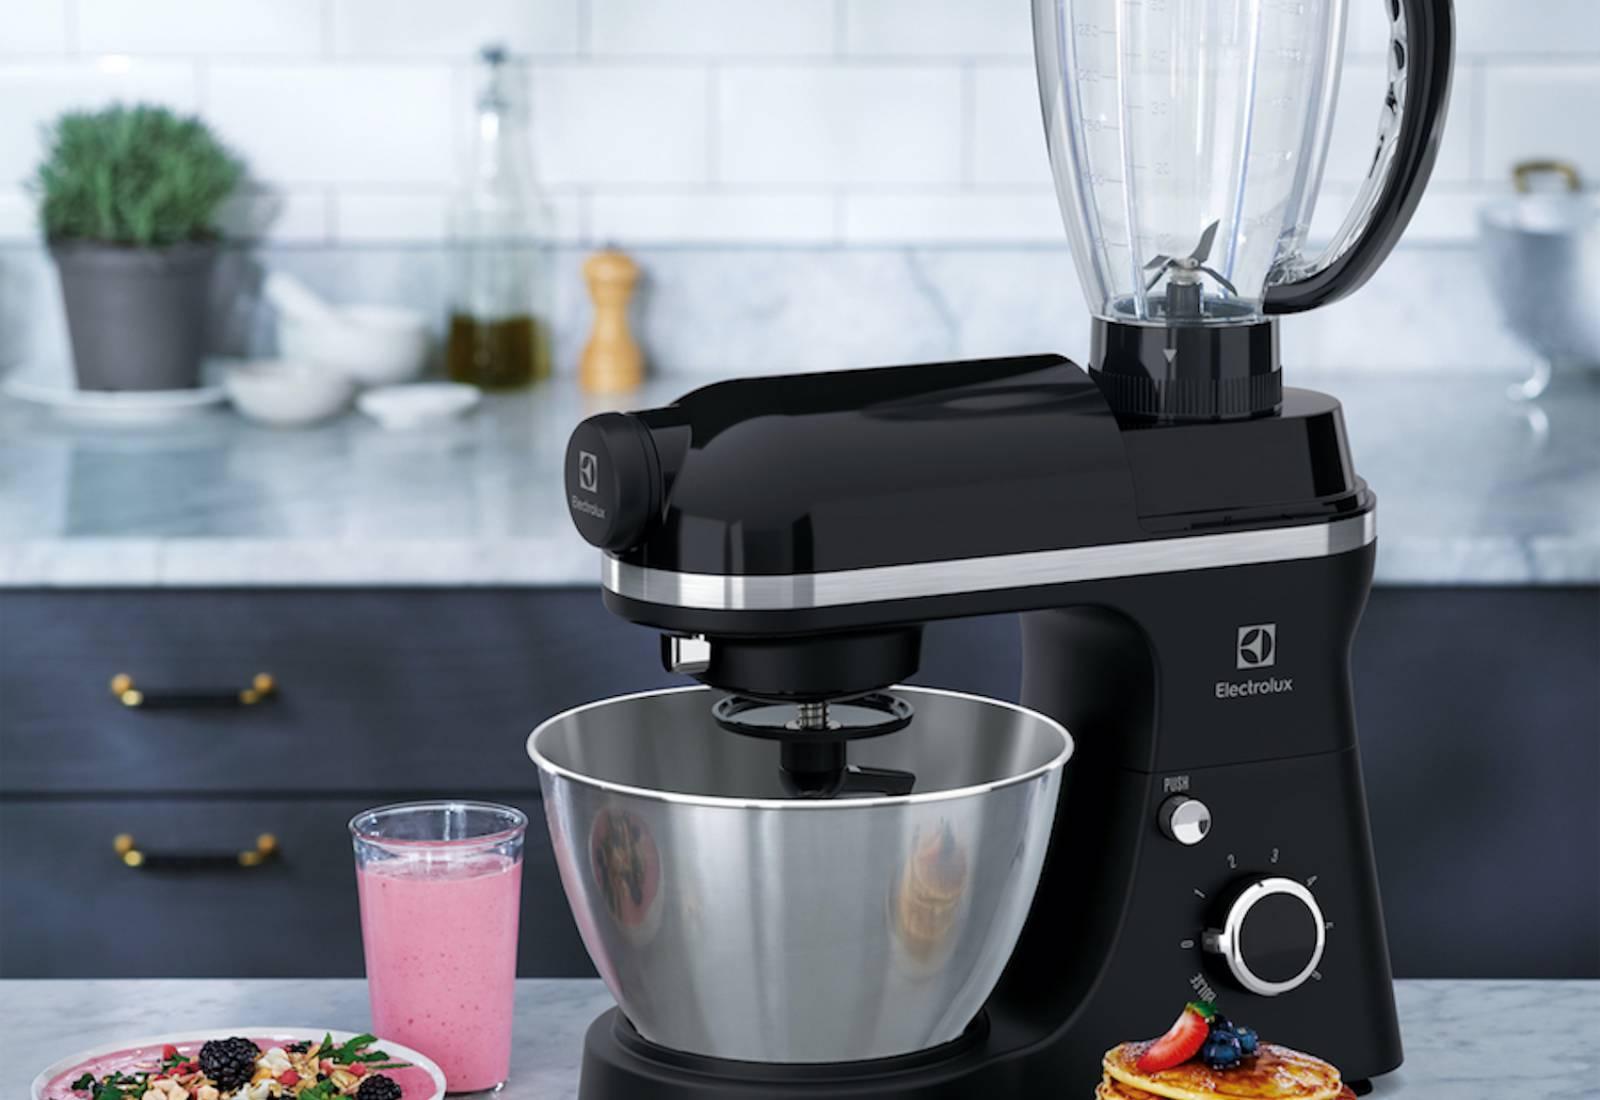 Immagine Electrolux, la nuova planetaria per una cucina facile e divertente 1